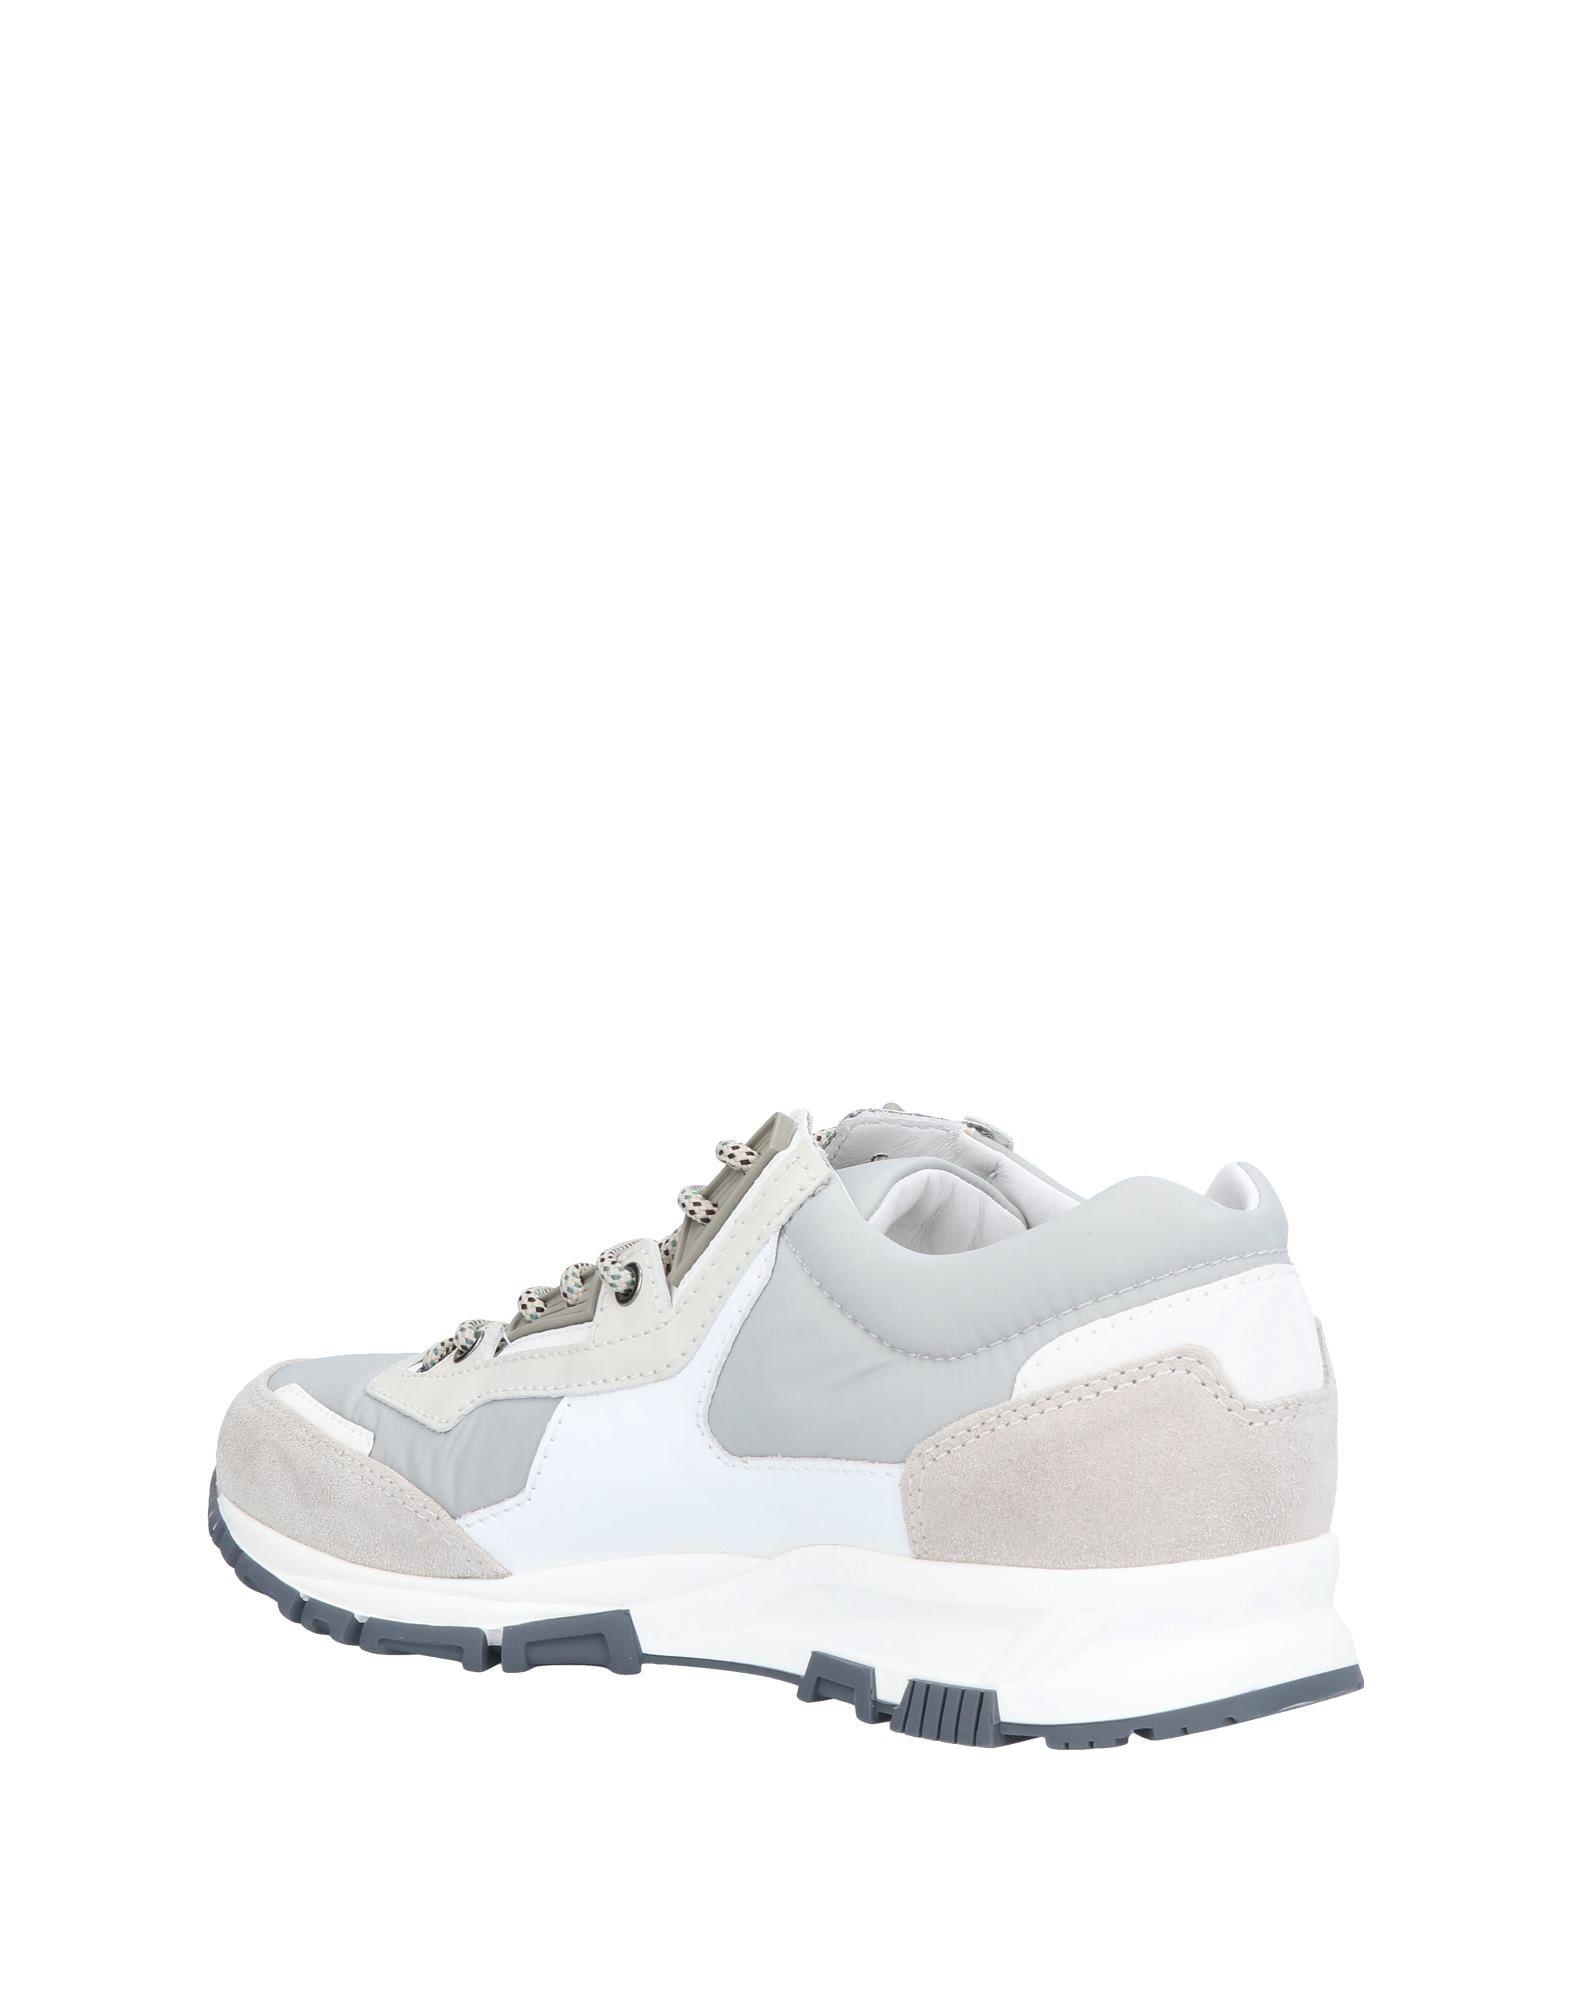 Scarpe economiche e resistenti Sneakers Lanvin Lanvin Lanvin Uomo - 11464188EN 5fe21e